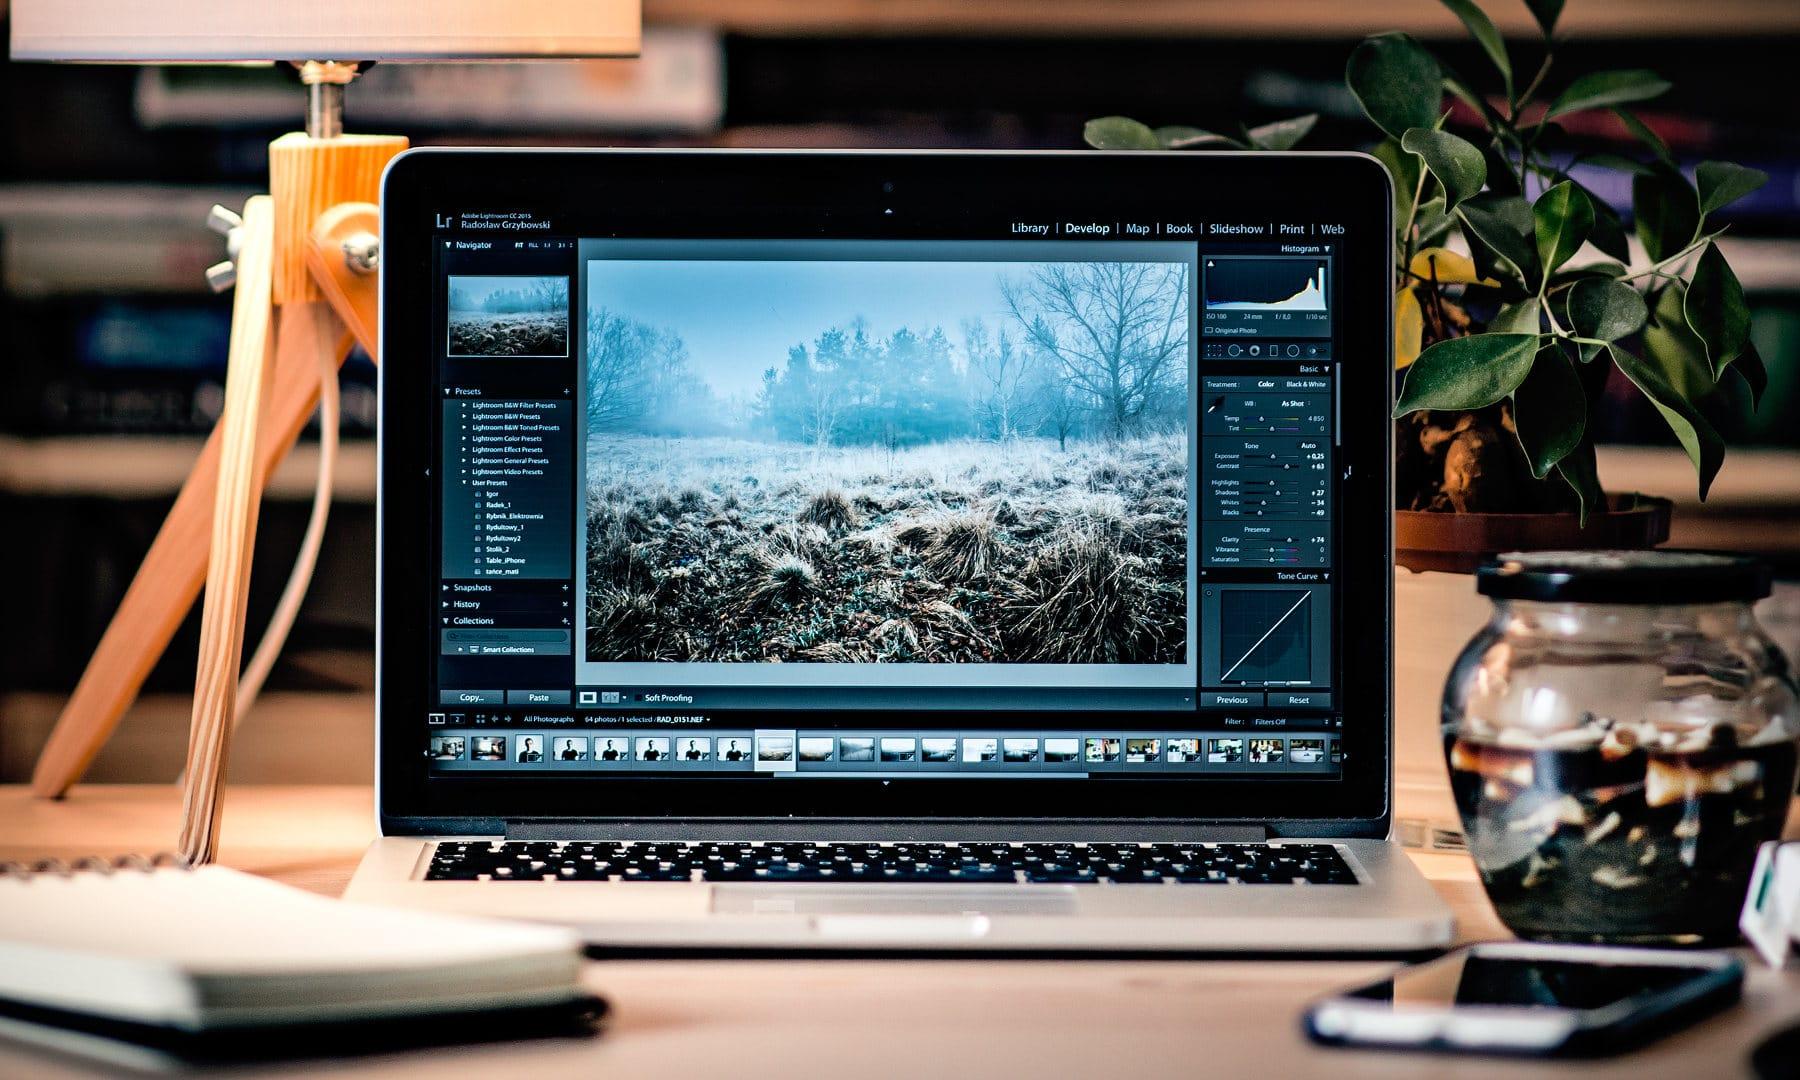 Macbook Pro Recenzja